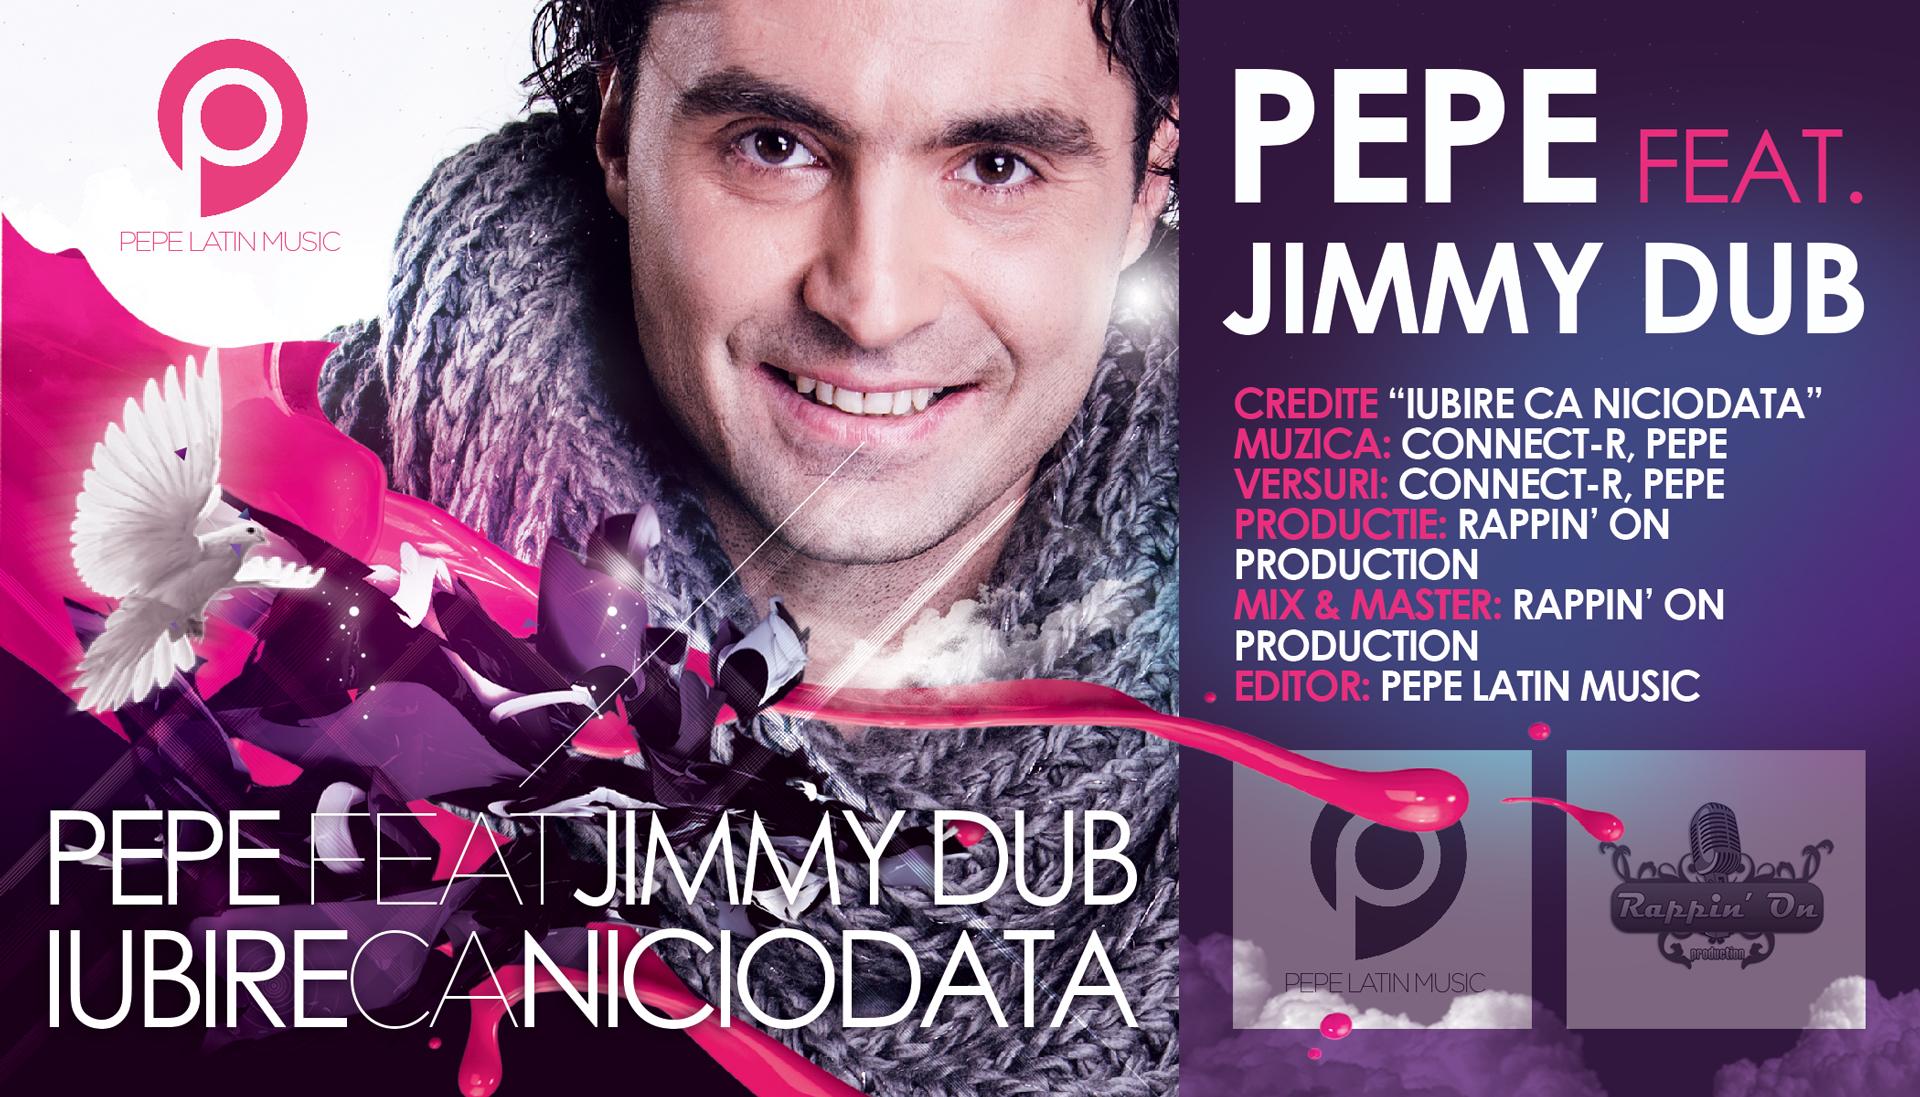 Pepe feat Jimmy Dub - Iubire ca niciodata (piesa noua)